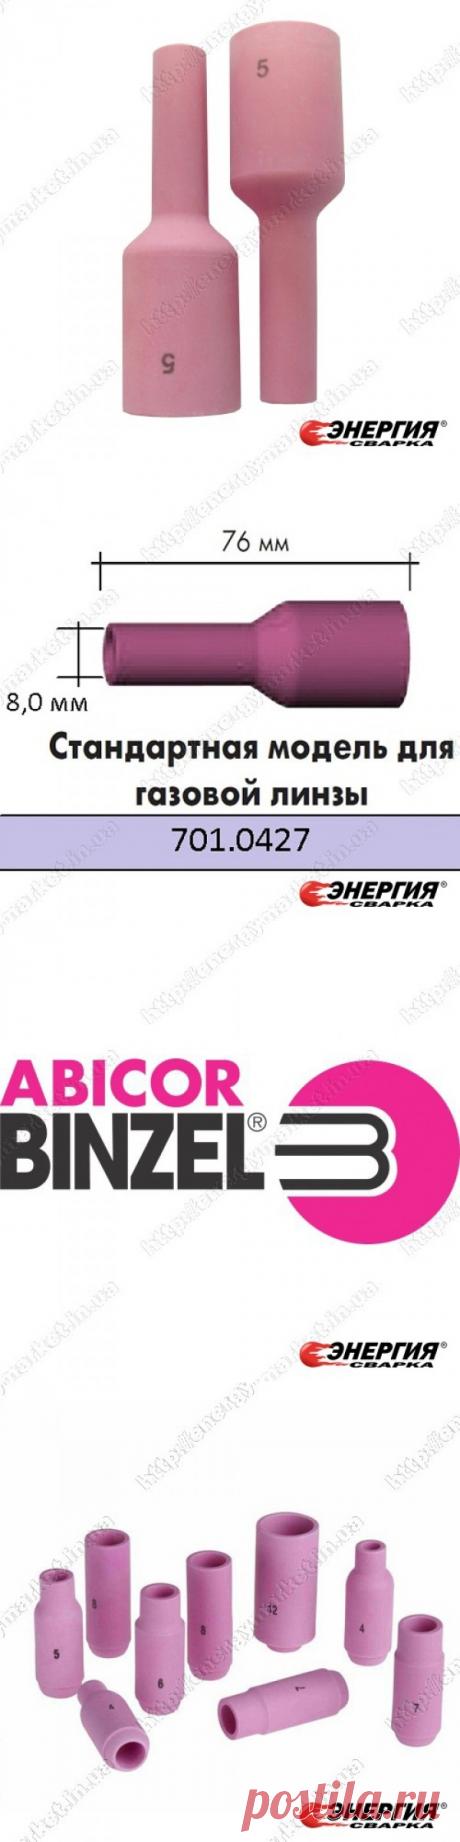 701.0427 Керамическое сопло № 5 (NW 8,0 мм / L 76,0 мм) (для корпуса цанги с диффузором 701.02..) 701.0427 Abicor Binzel купить цена Украине